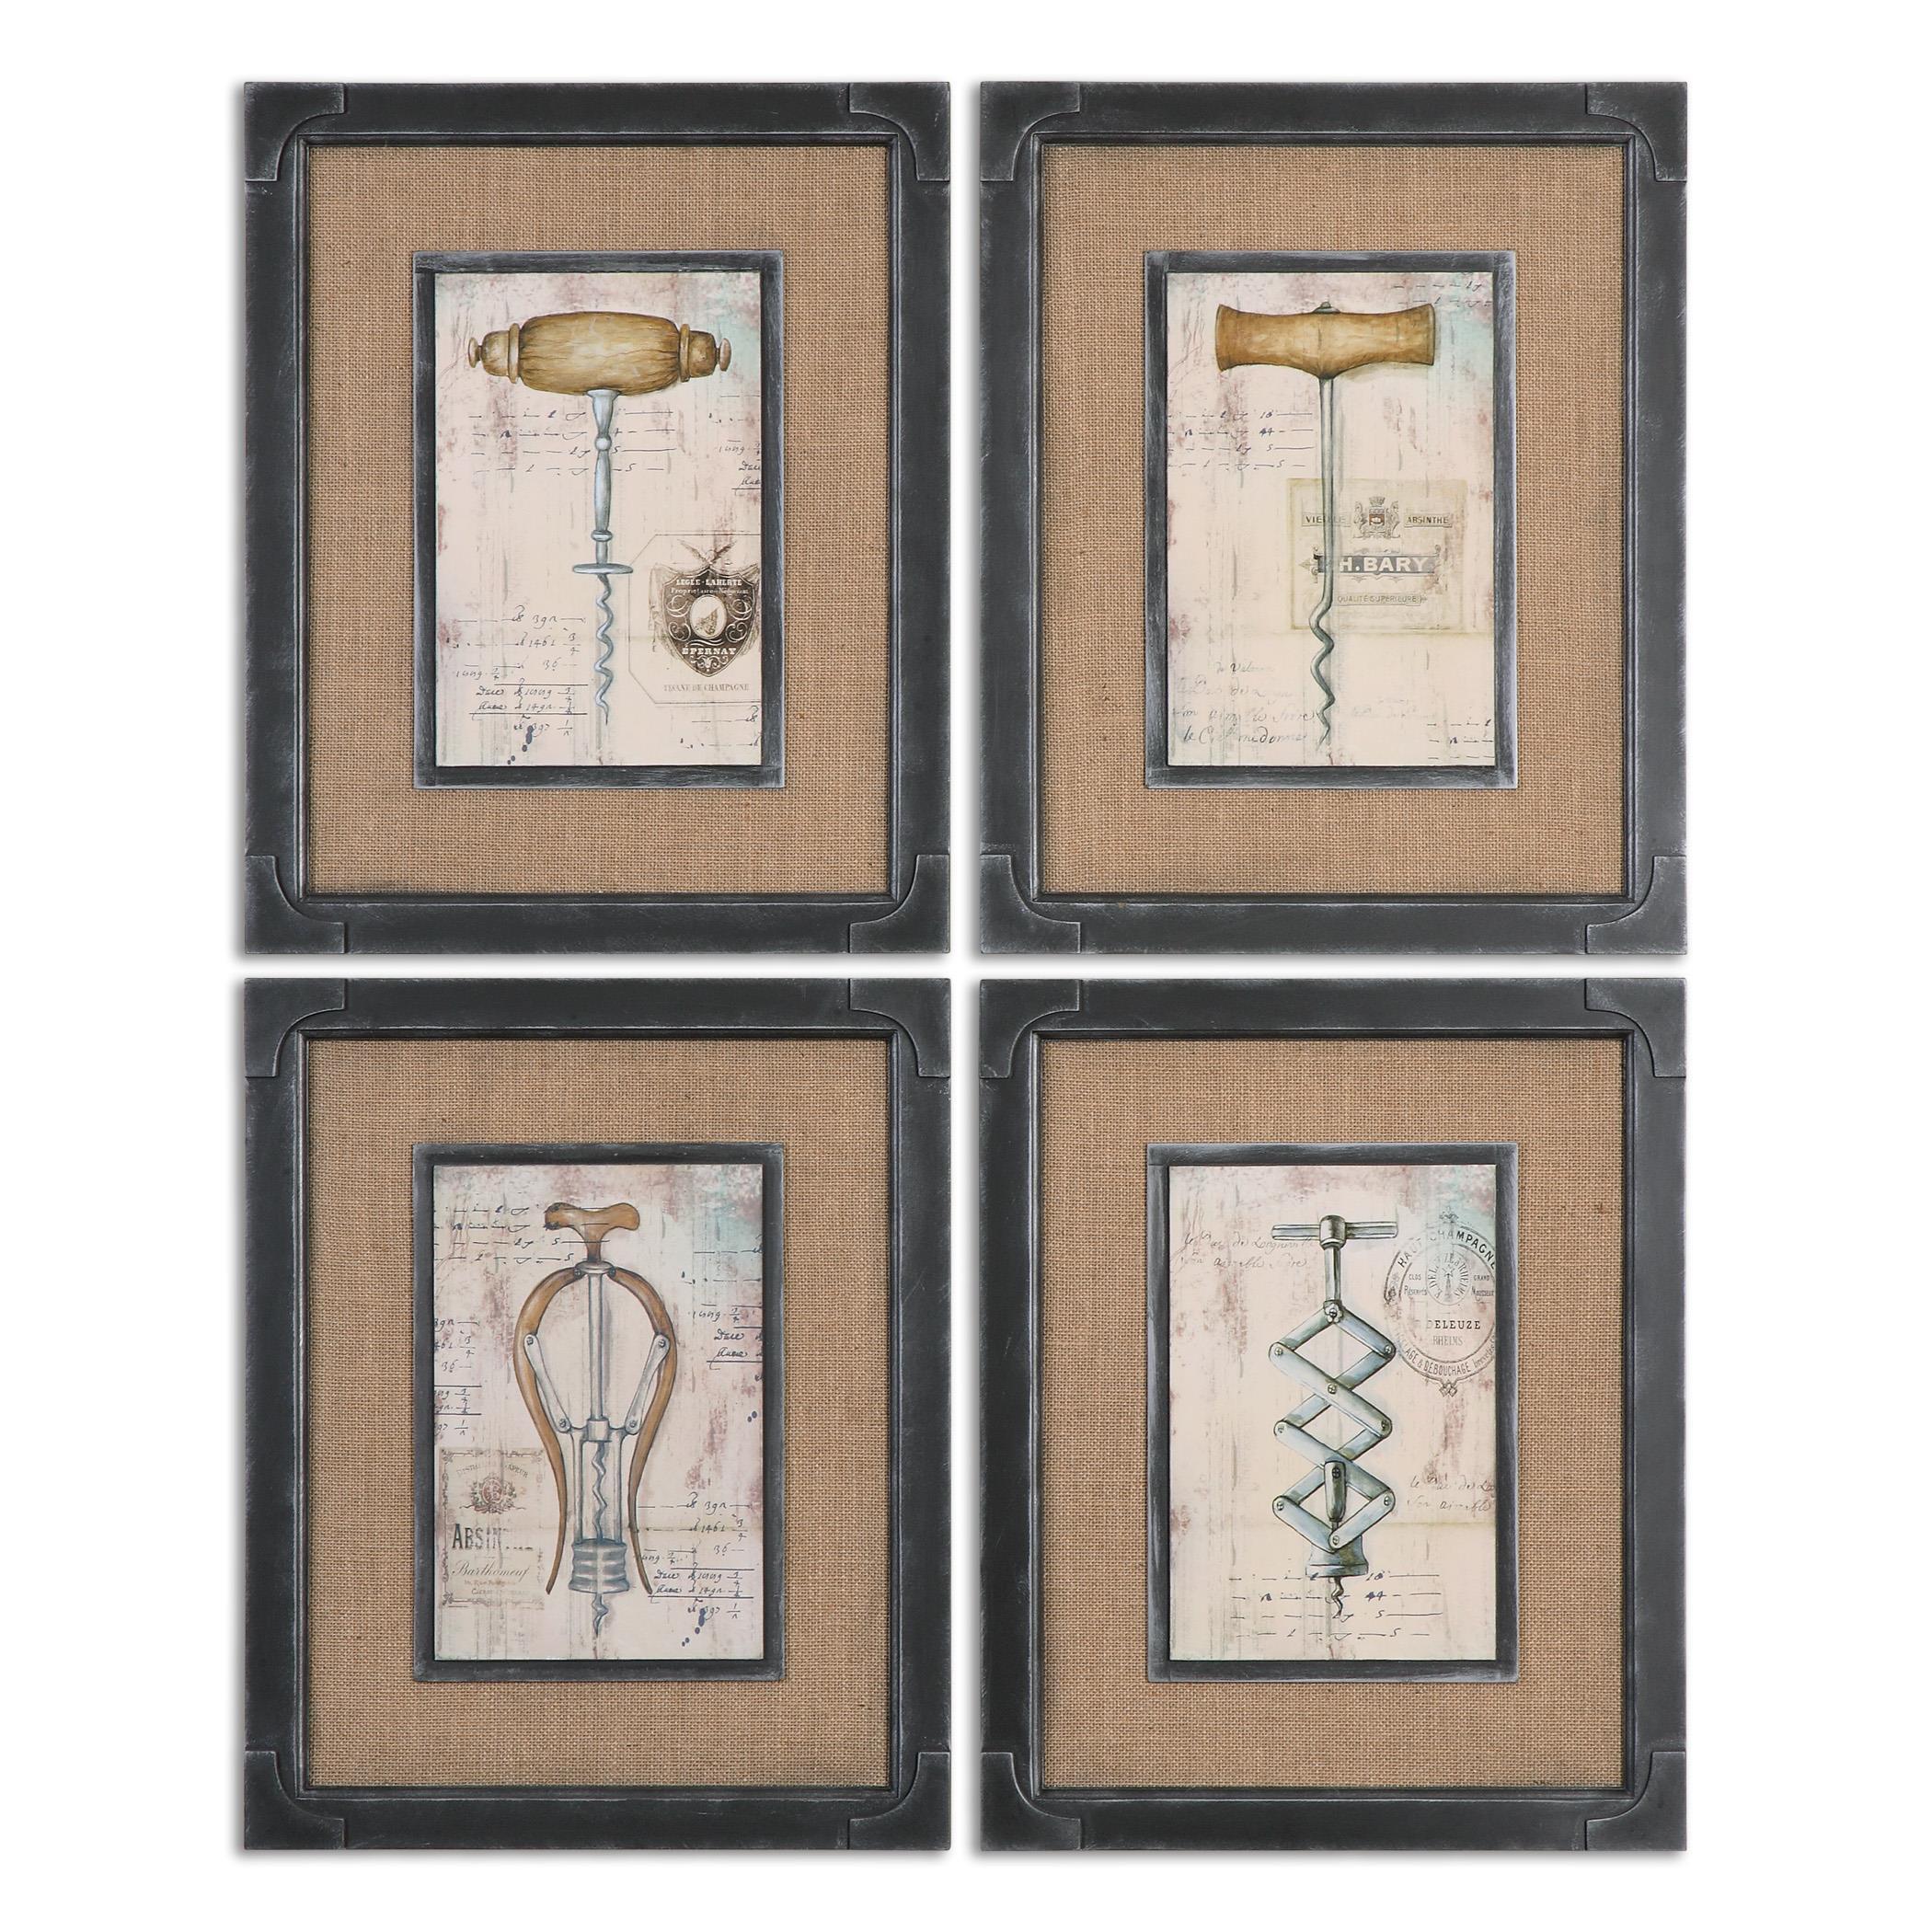 Uttermost Art Antique Corkscrews Vintage Art, S/4 - Item Number: 55029